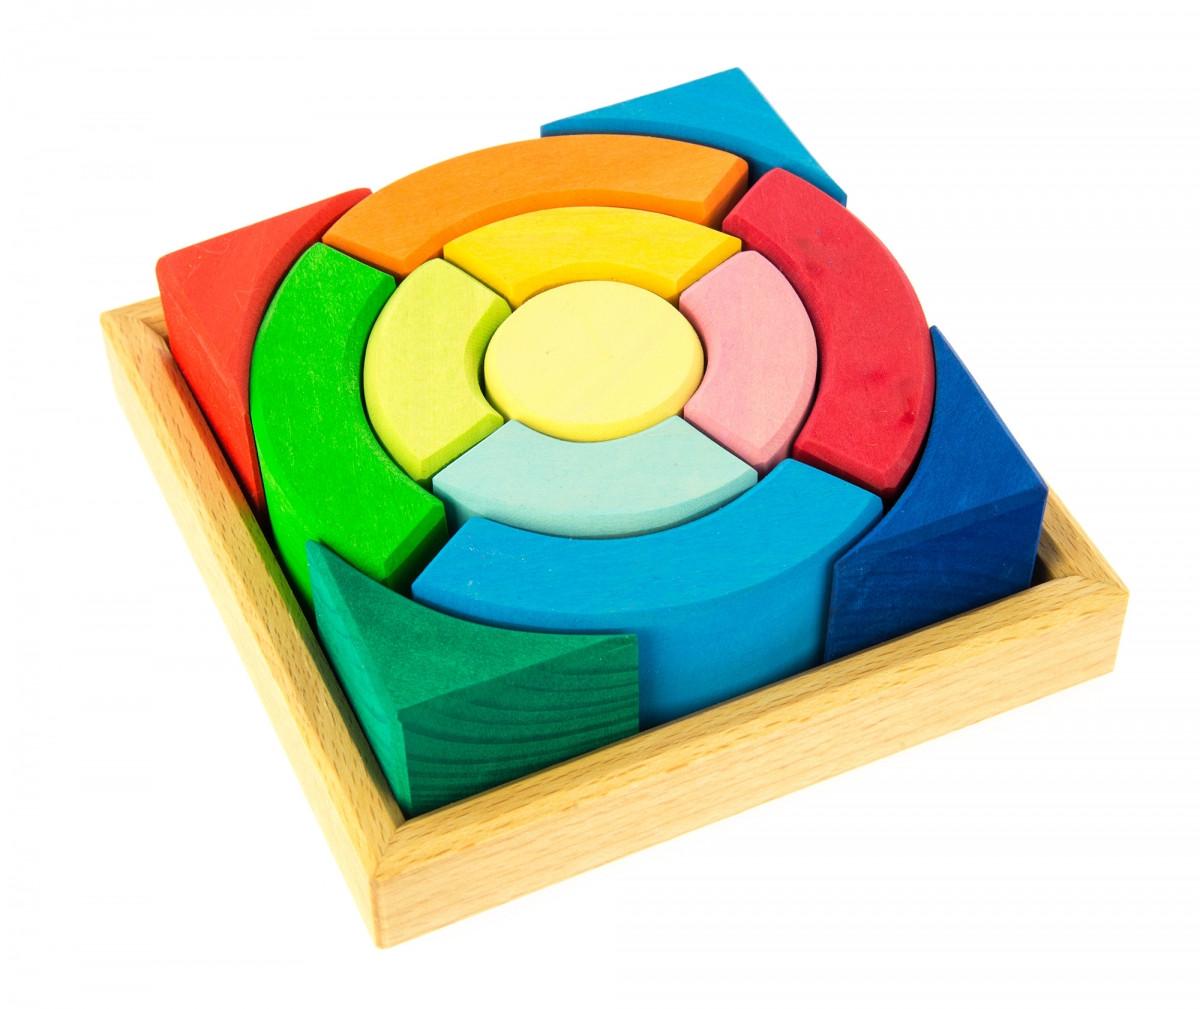 Креативный детский деревянный конструктор Разноцветный круг nic  NIC523344